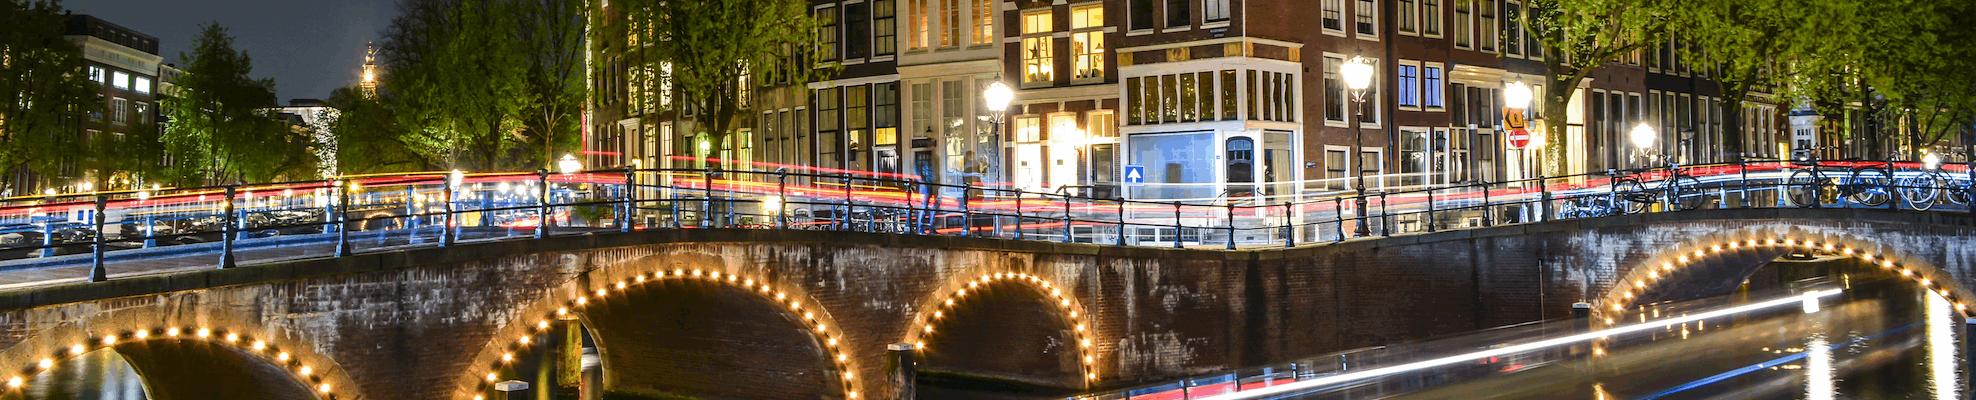 Silvester in Amsterdam mit 3 Übernachtungen - 4 Tage Tour